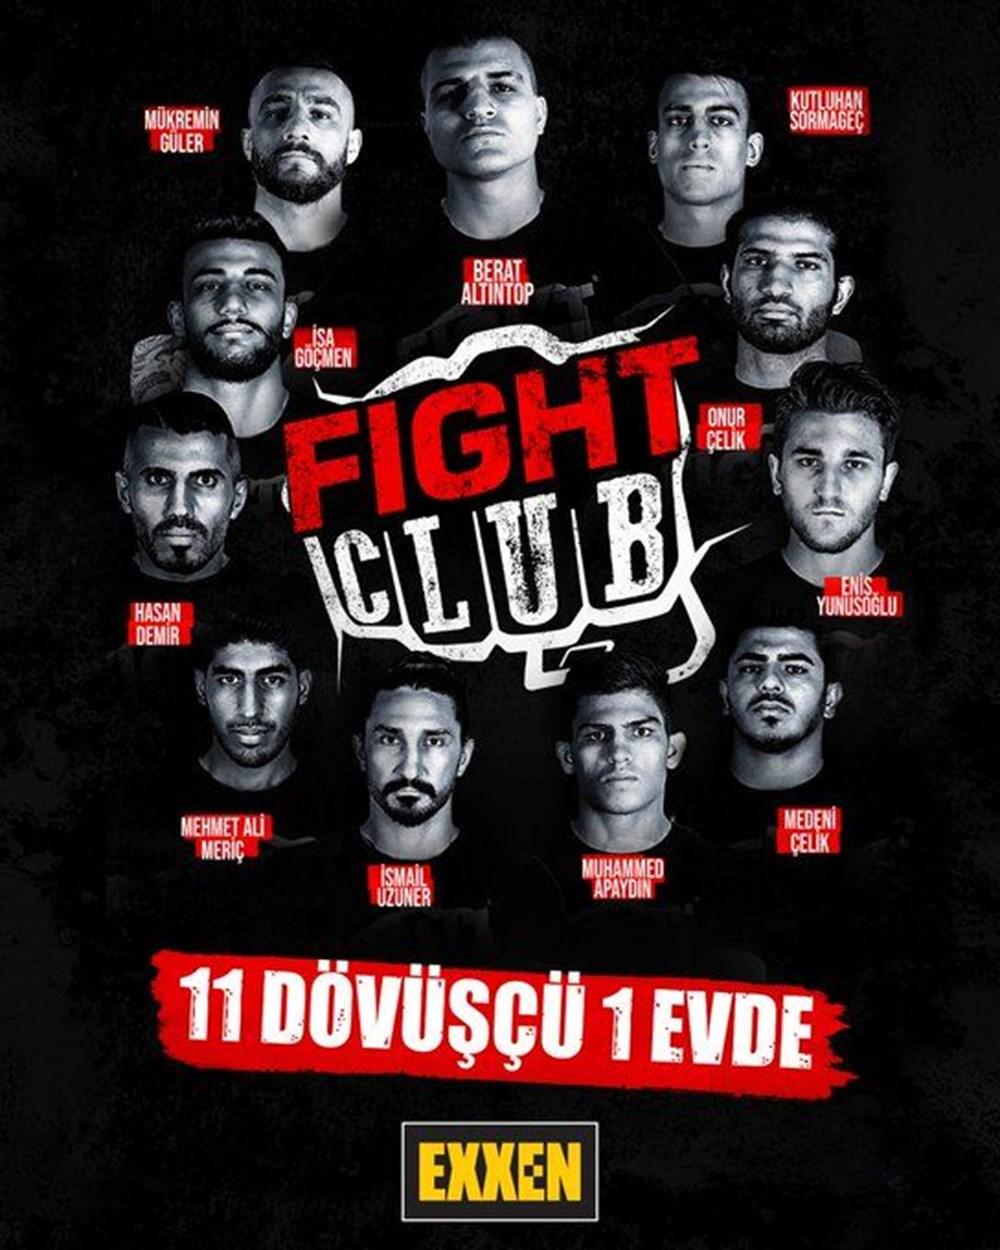 Fightclub Exxen